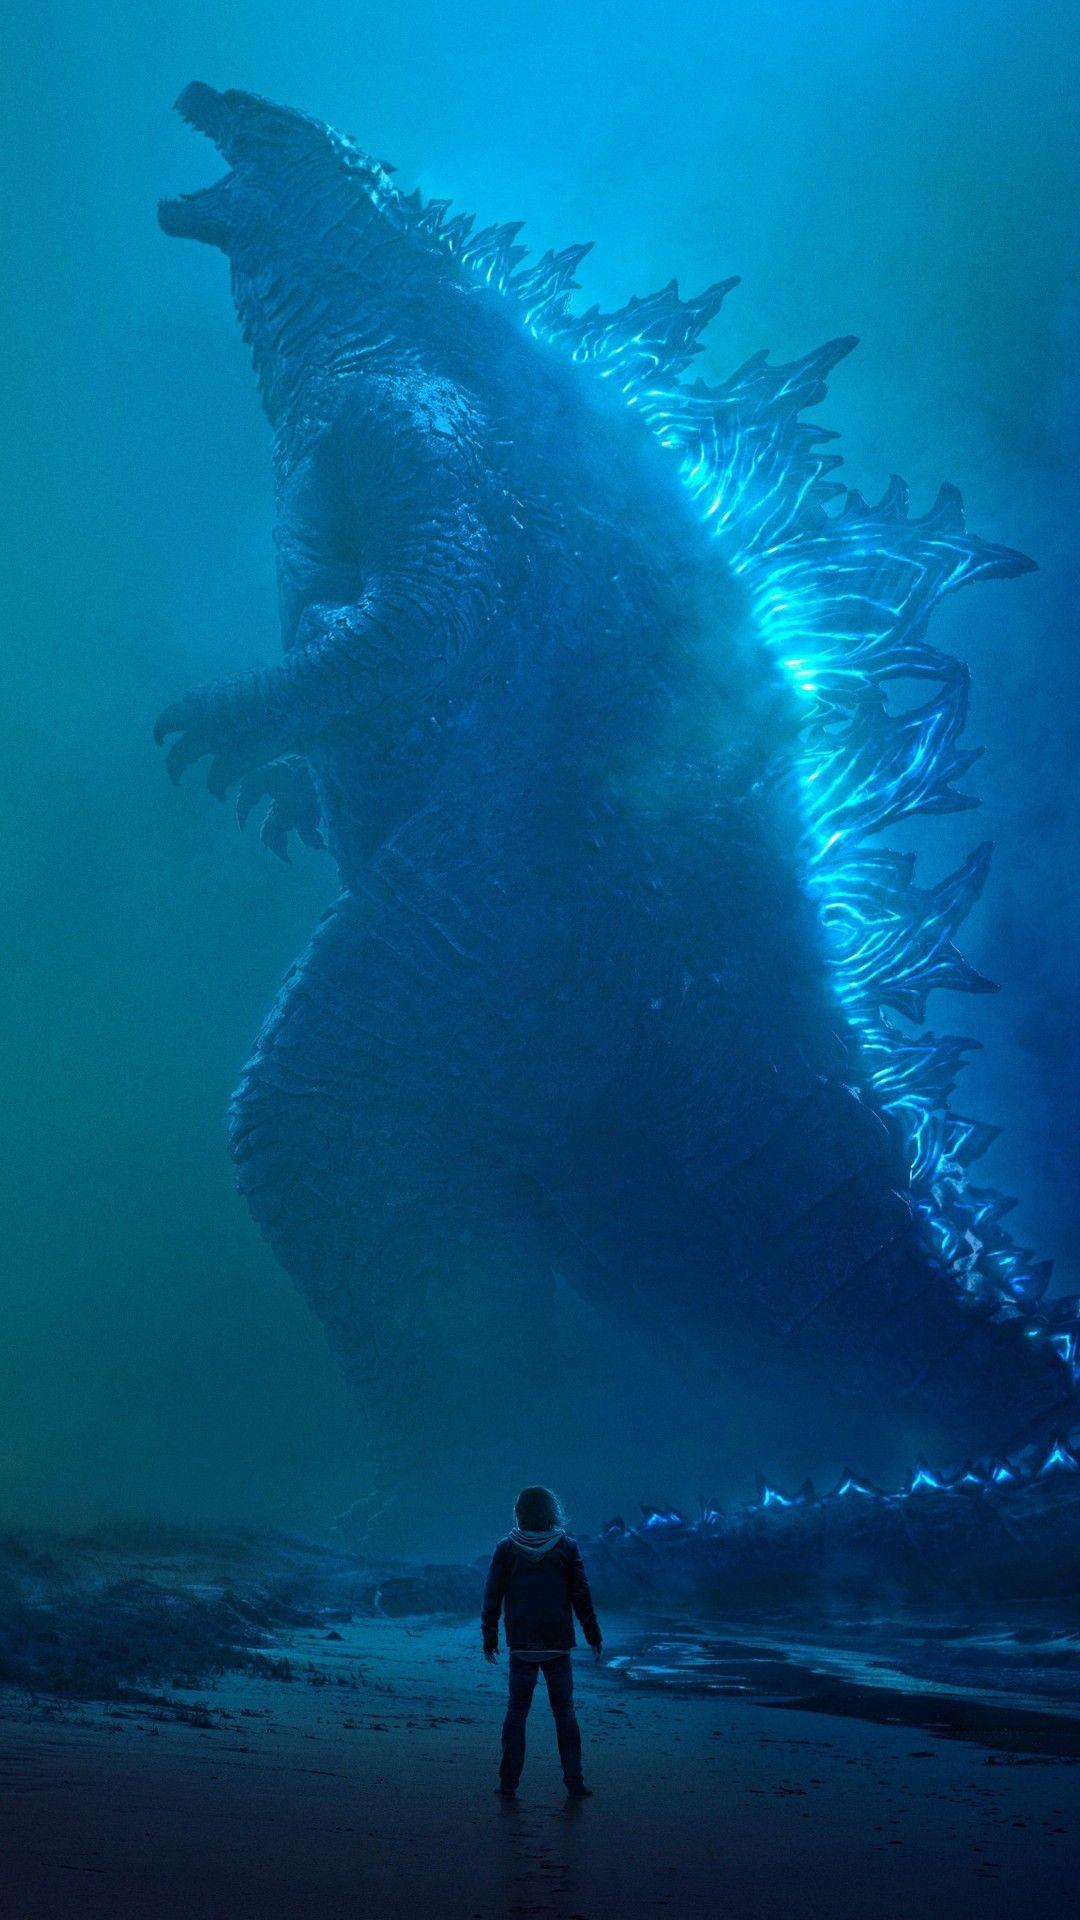 Godzilla King Of The Monsters Poster Godzilla Wallpaper Godzilla Kaiju Monsters